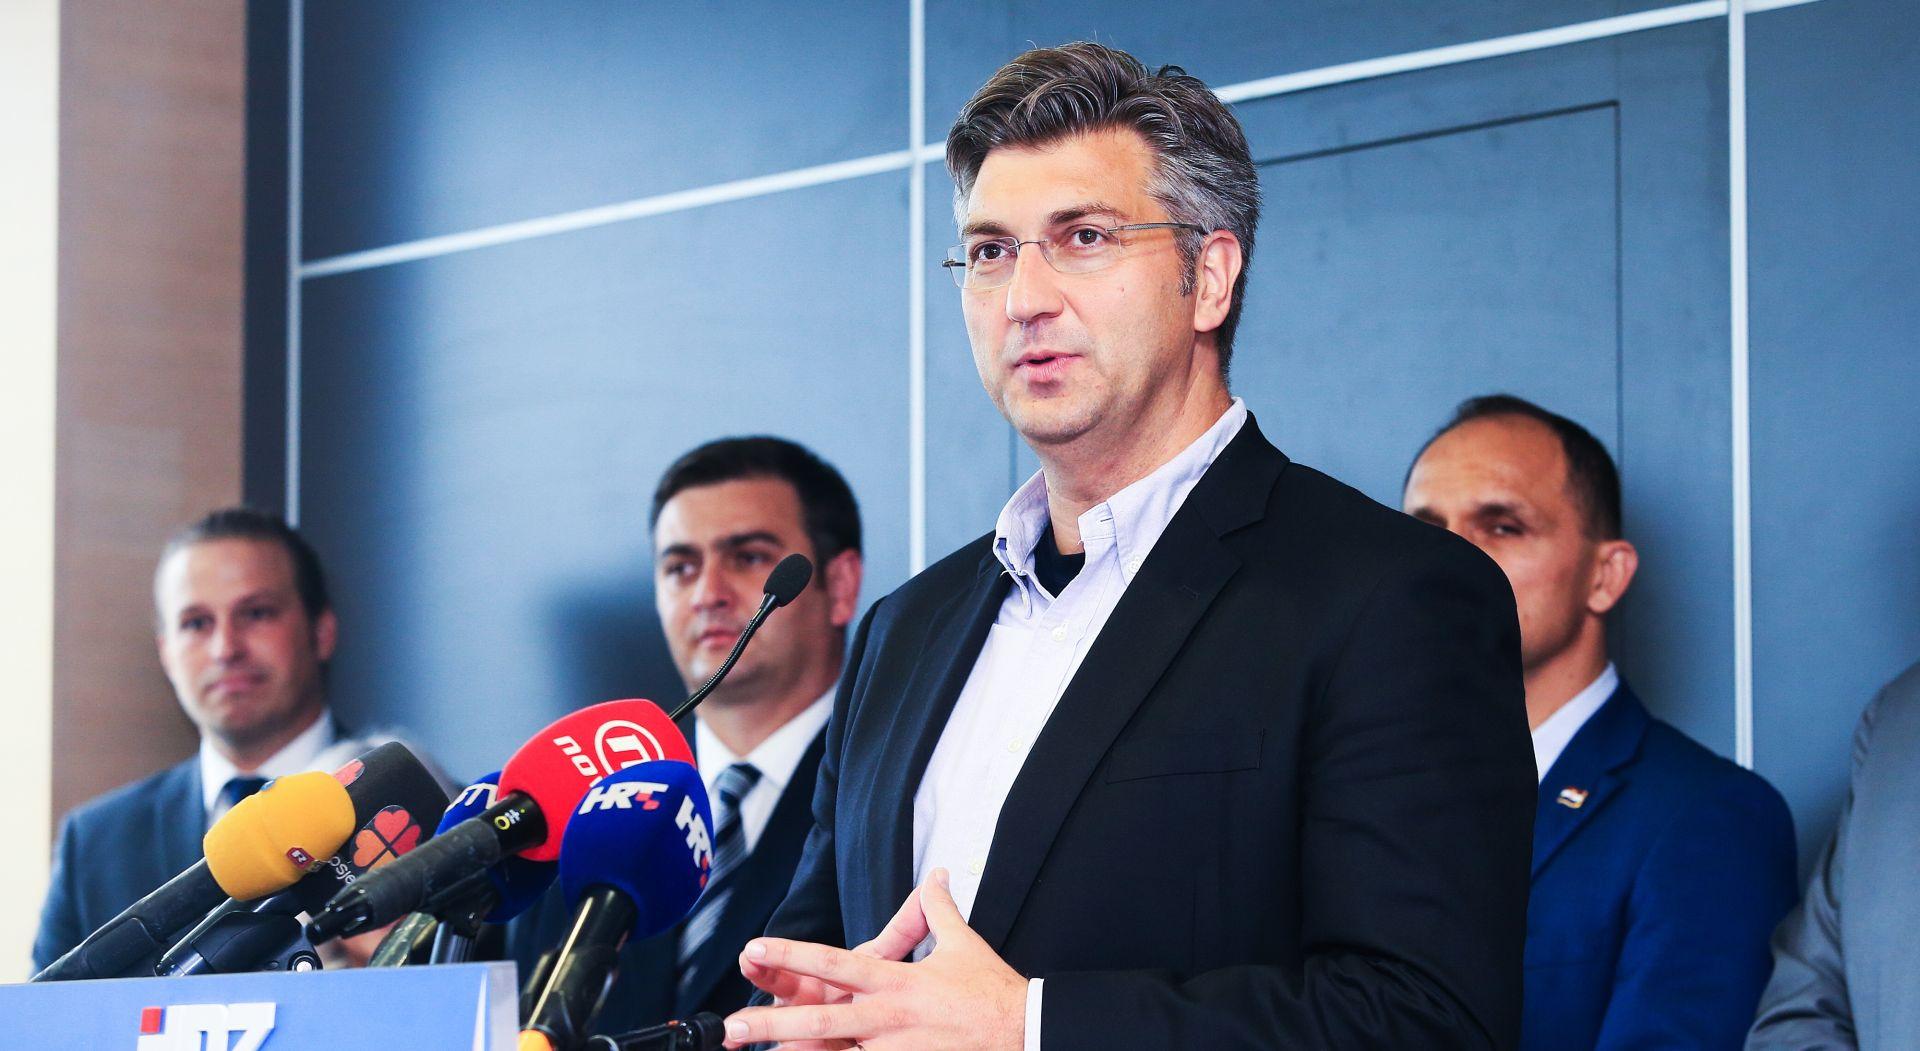 Plenković: Ideološke rasprave u hrvatskom društvu posljedice odluka Kukuriku koalicije